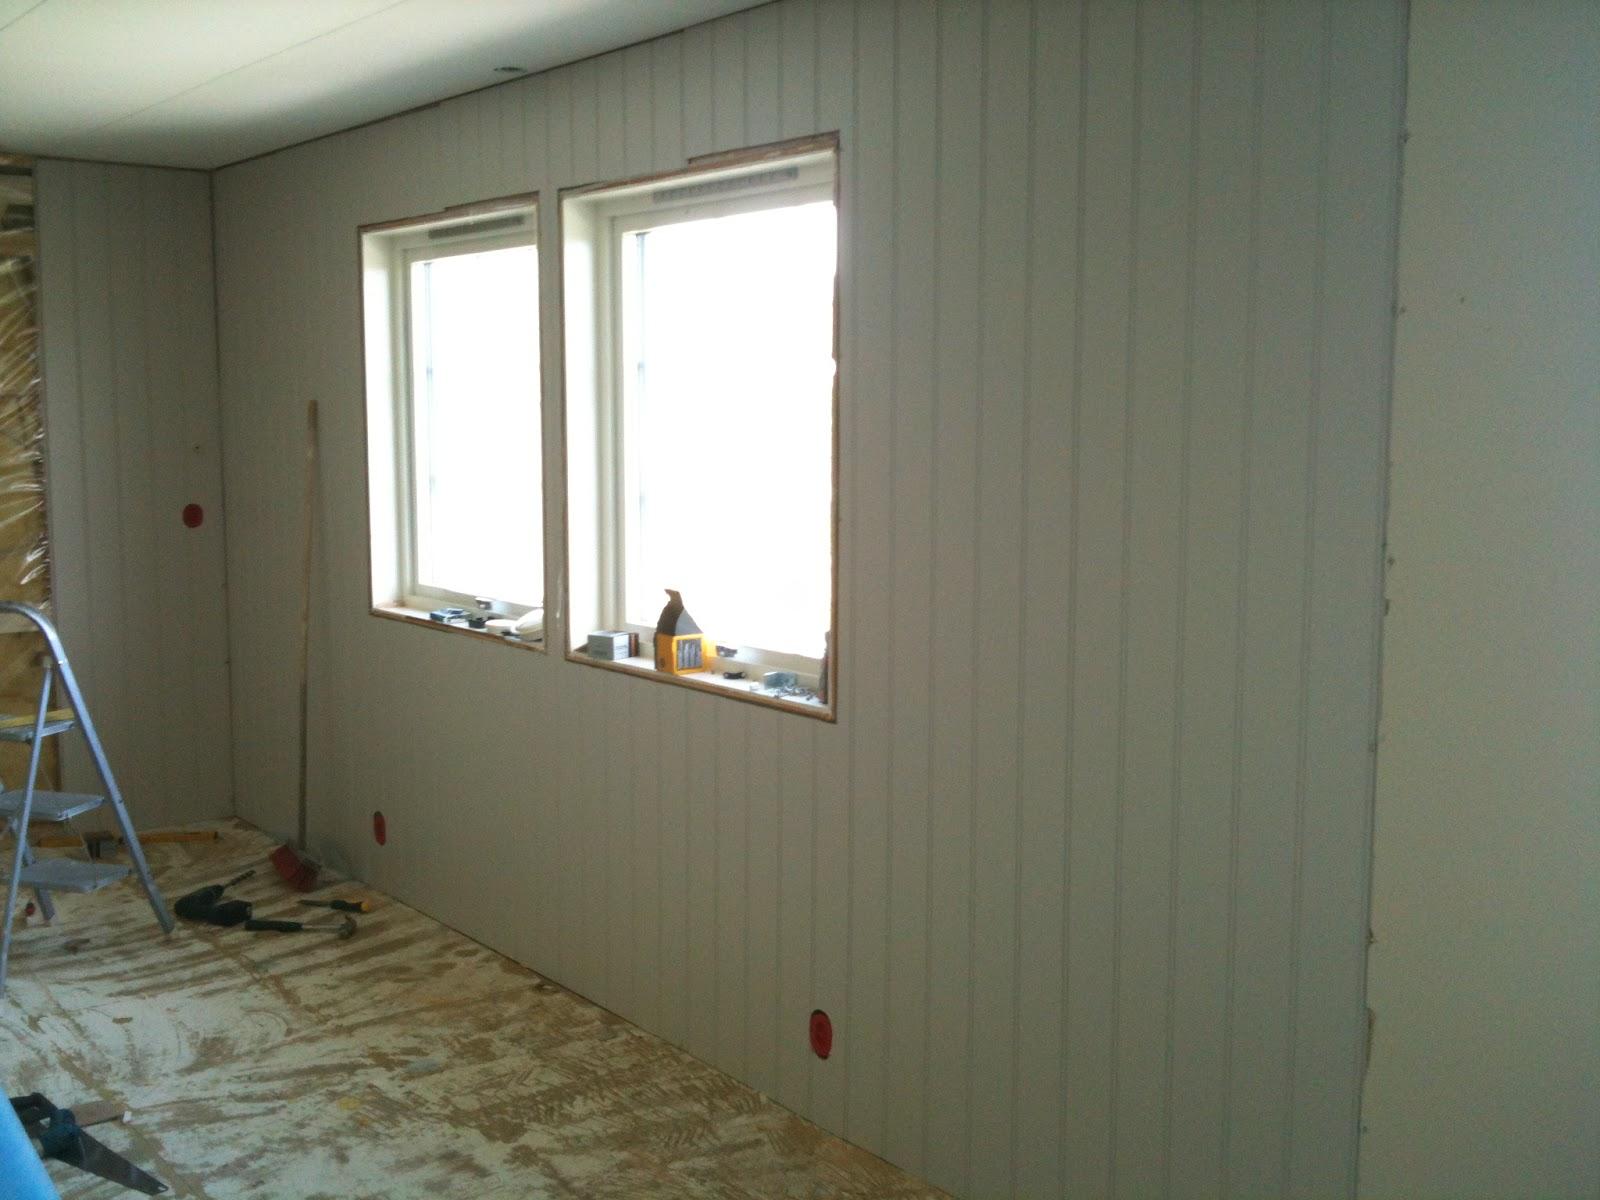 Legge veggplater